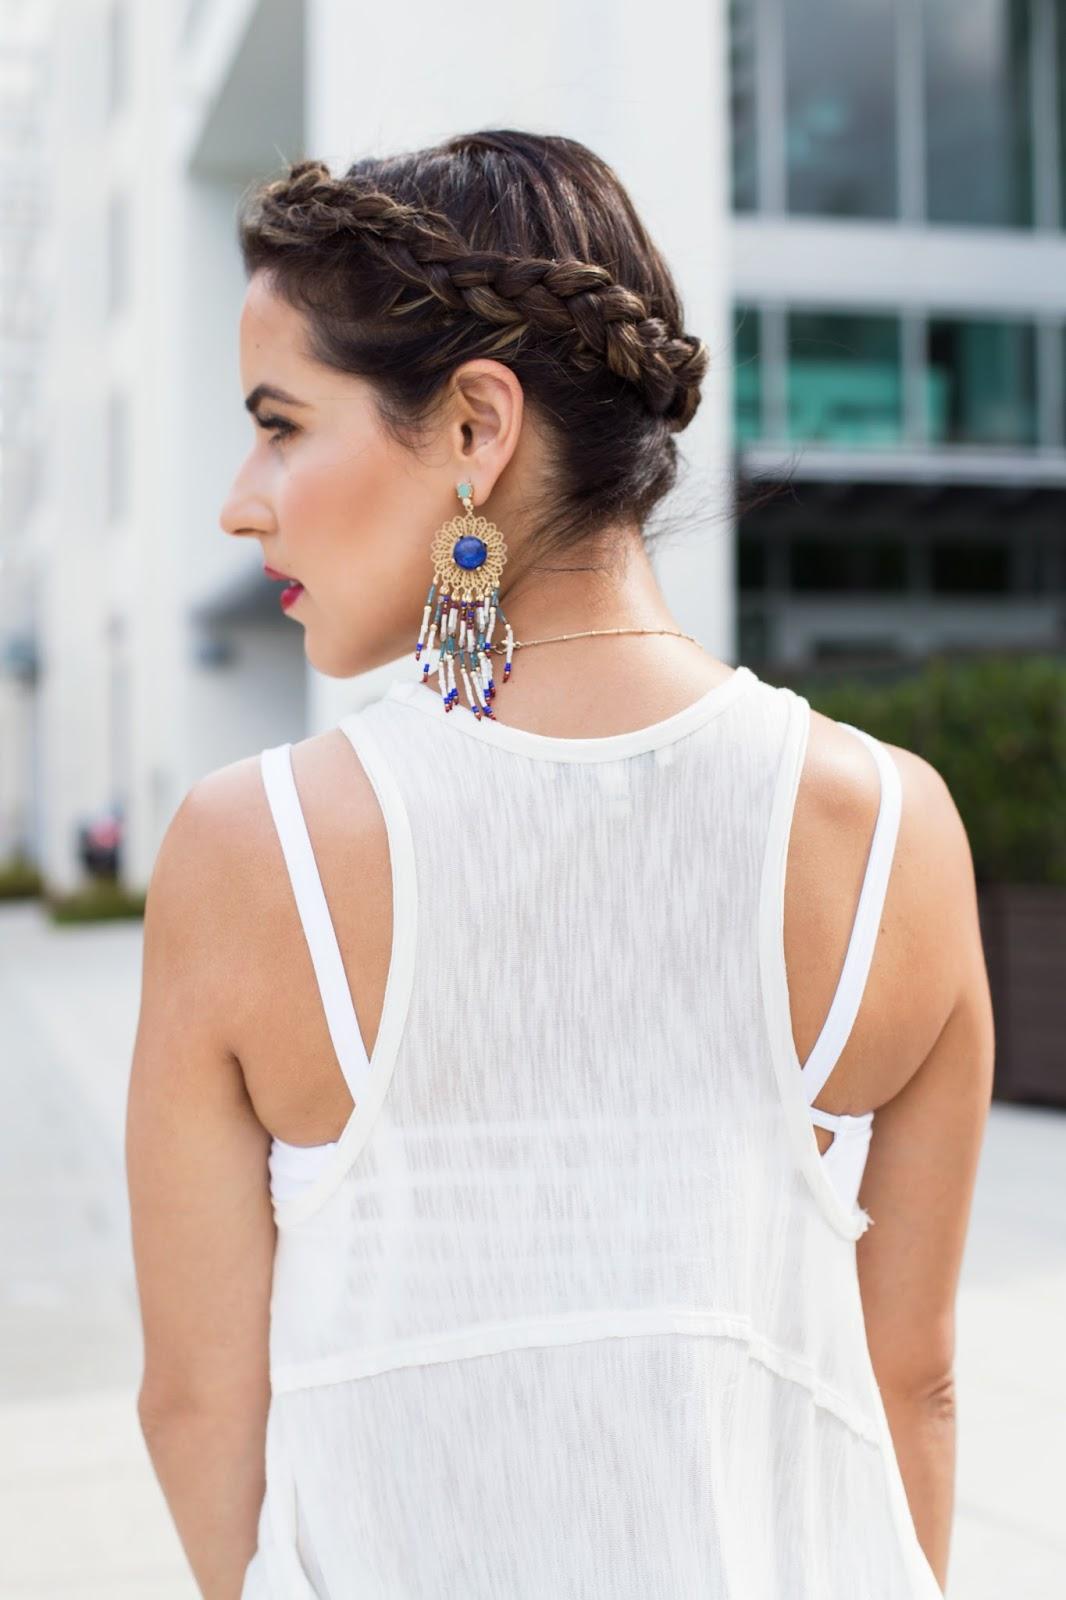 Crown Braid Hair Style and Chandelier Earrings